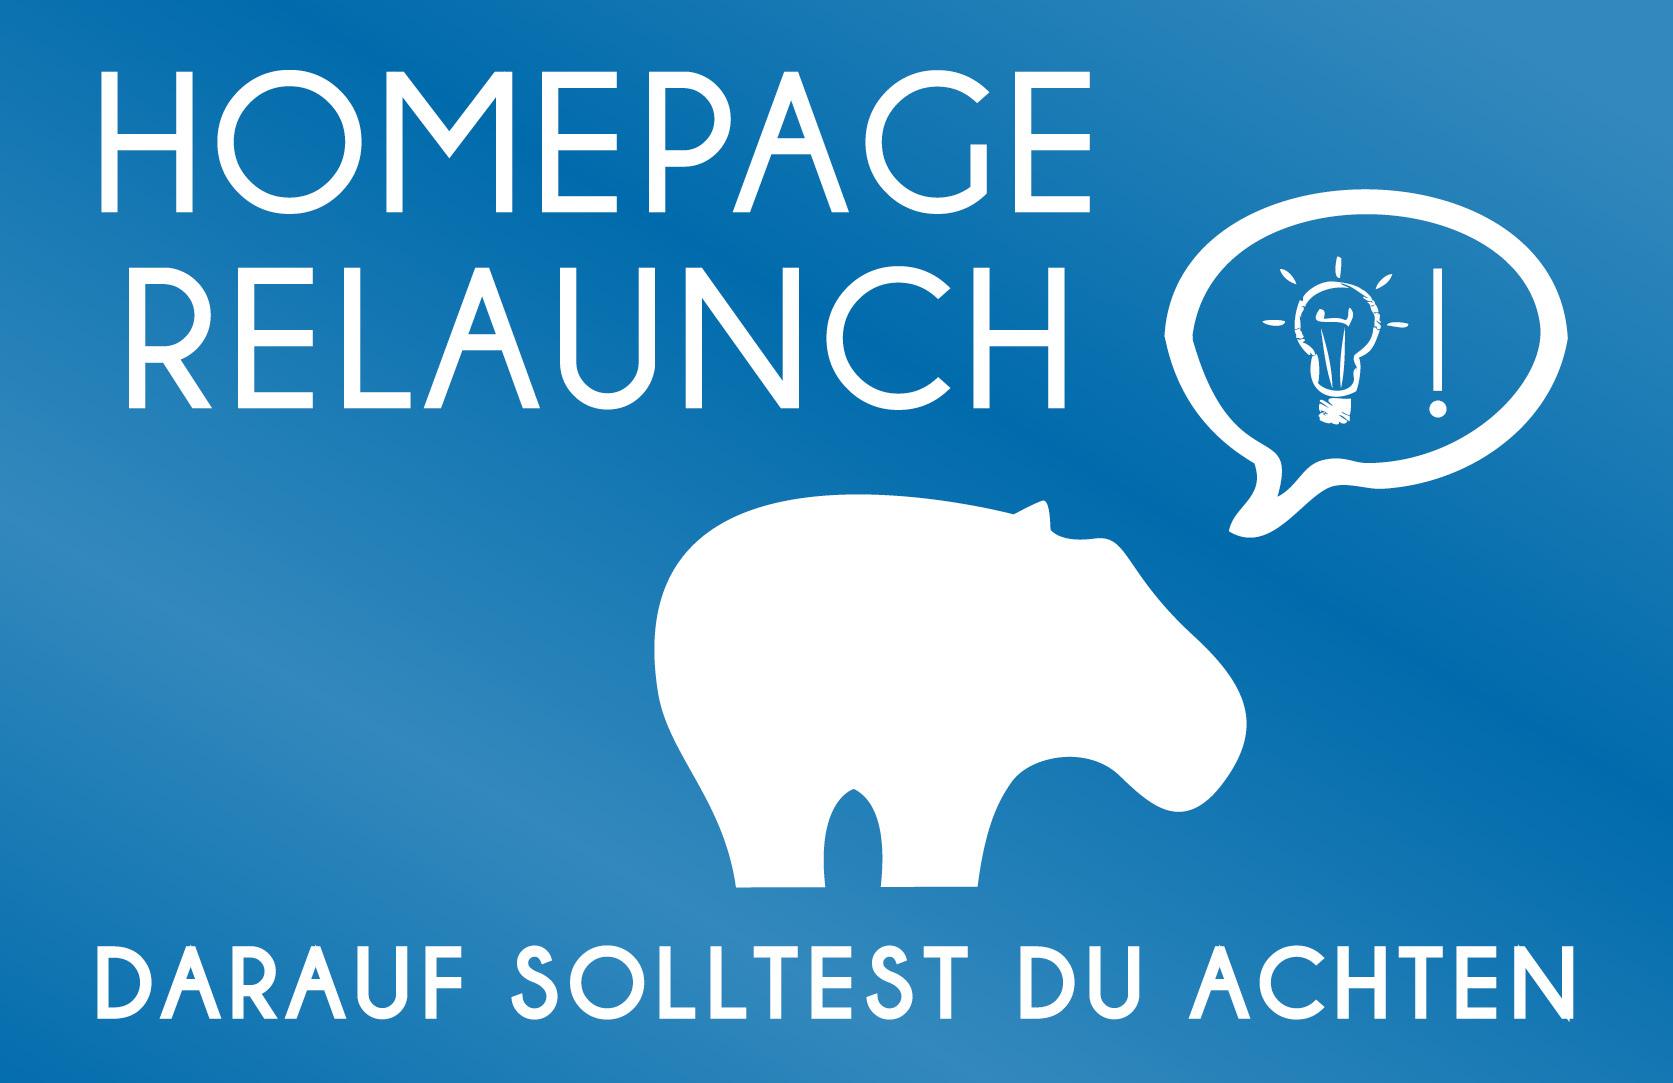 Homepage Relaunch - Blue Hippo Tipss worauf Du achten solltest